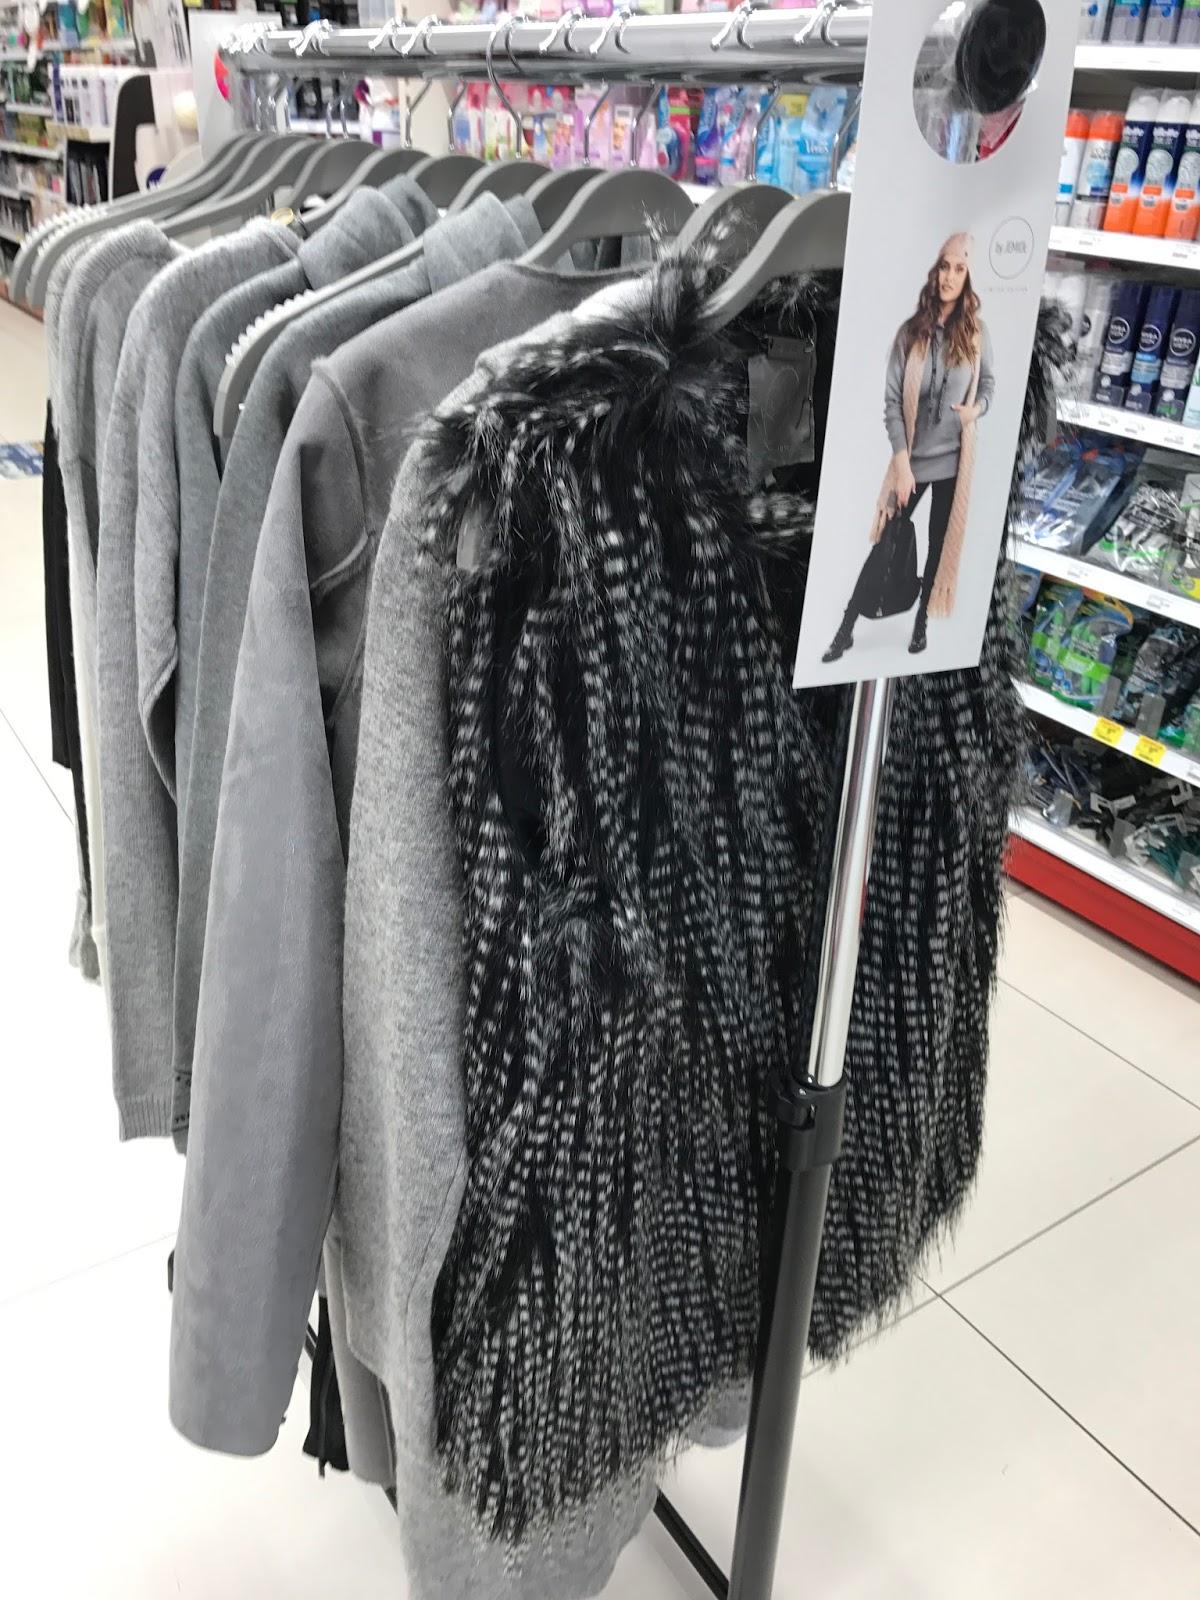 Nonszlancka elegancja, czyli kolekcja by jemioł dla sieci drogerii Rossmann